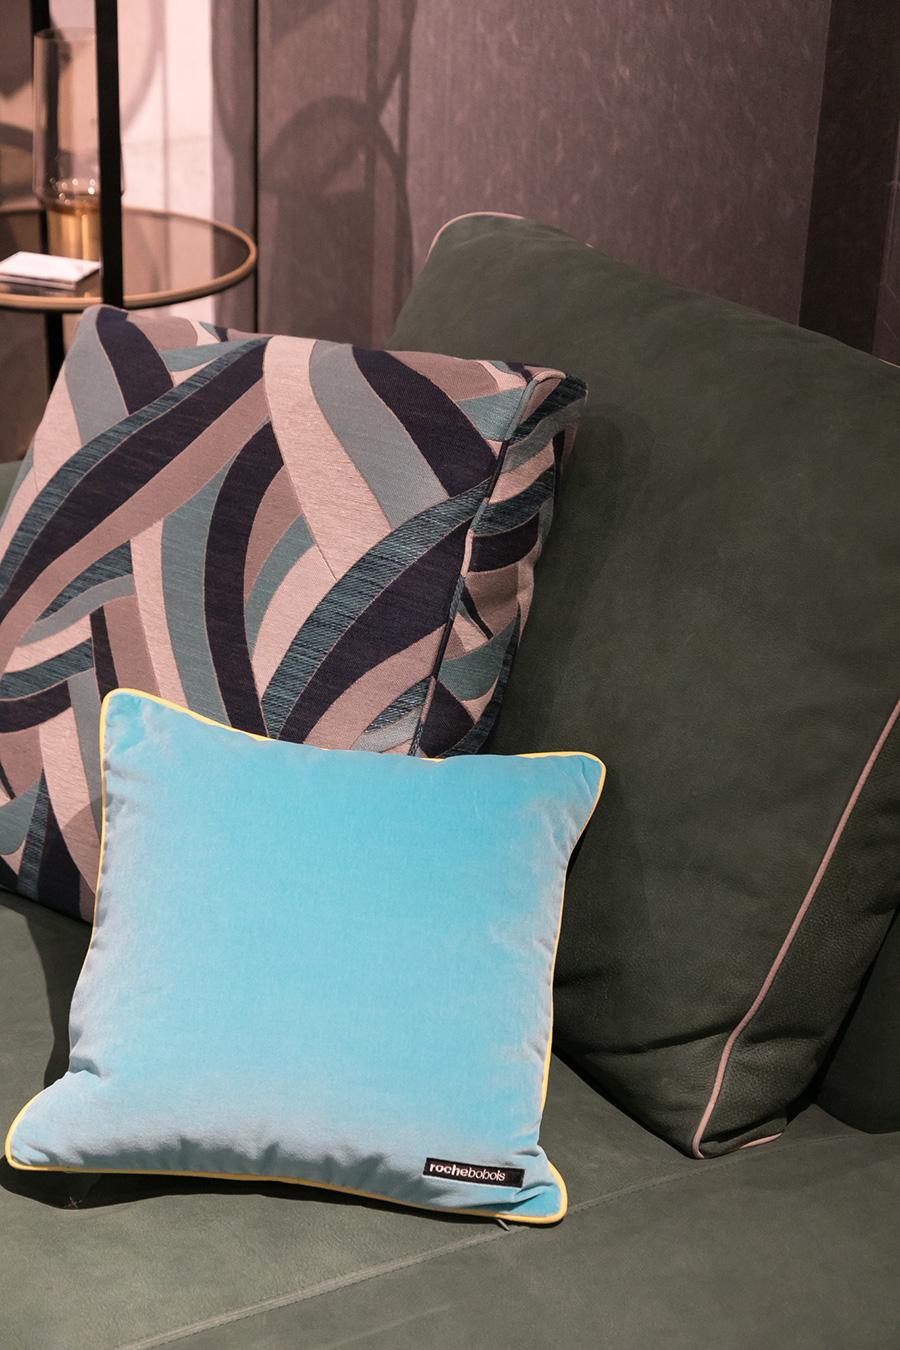 クッションやソファのカバーを変えると、気分も一新。季節ごとに変えたり、気分に合わせて色を変えてみよう。